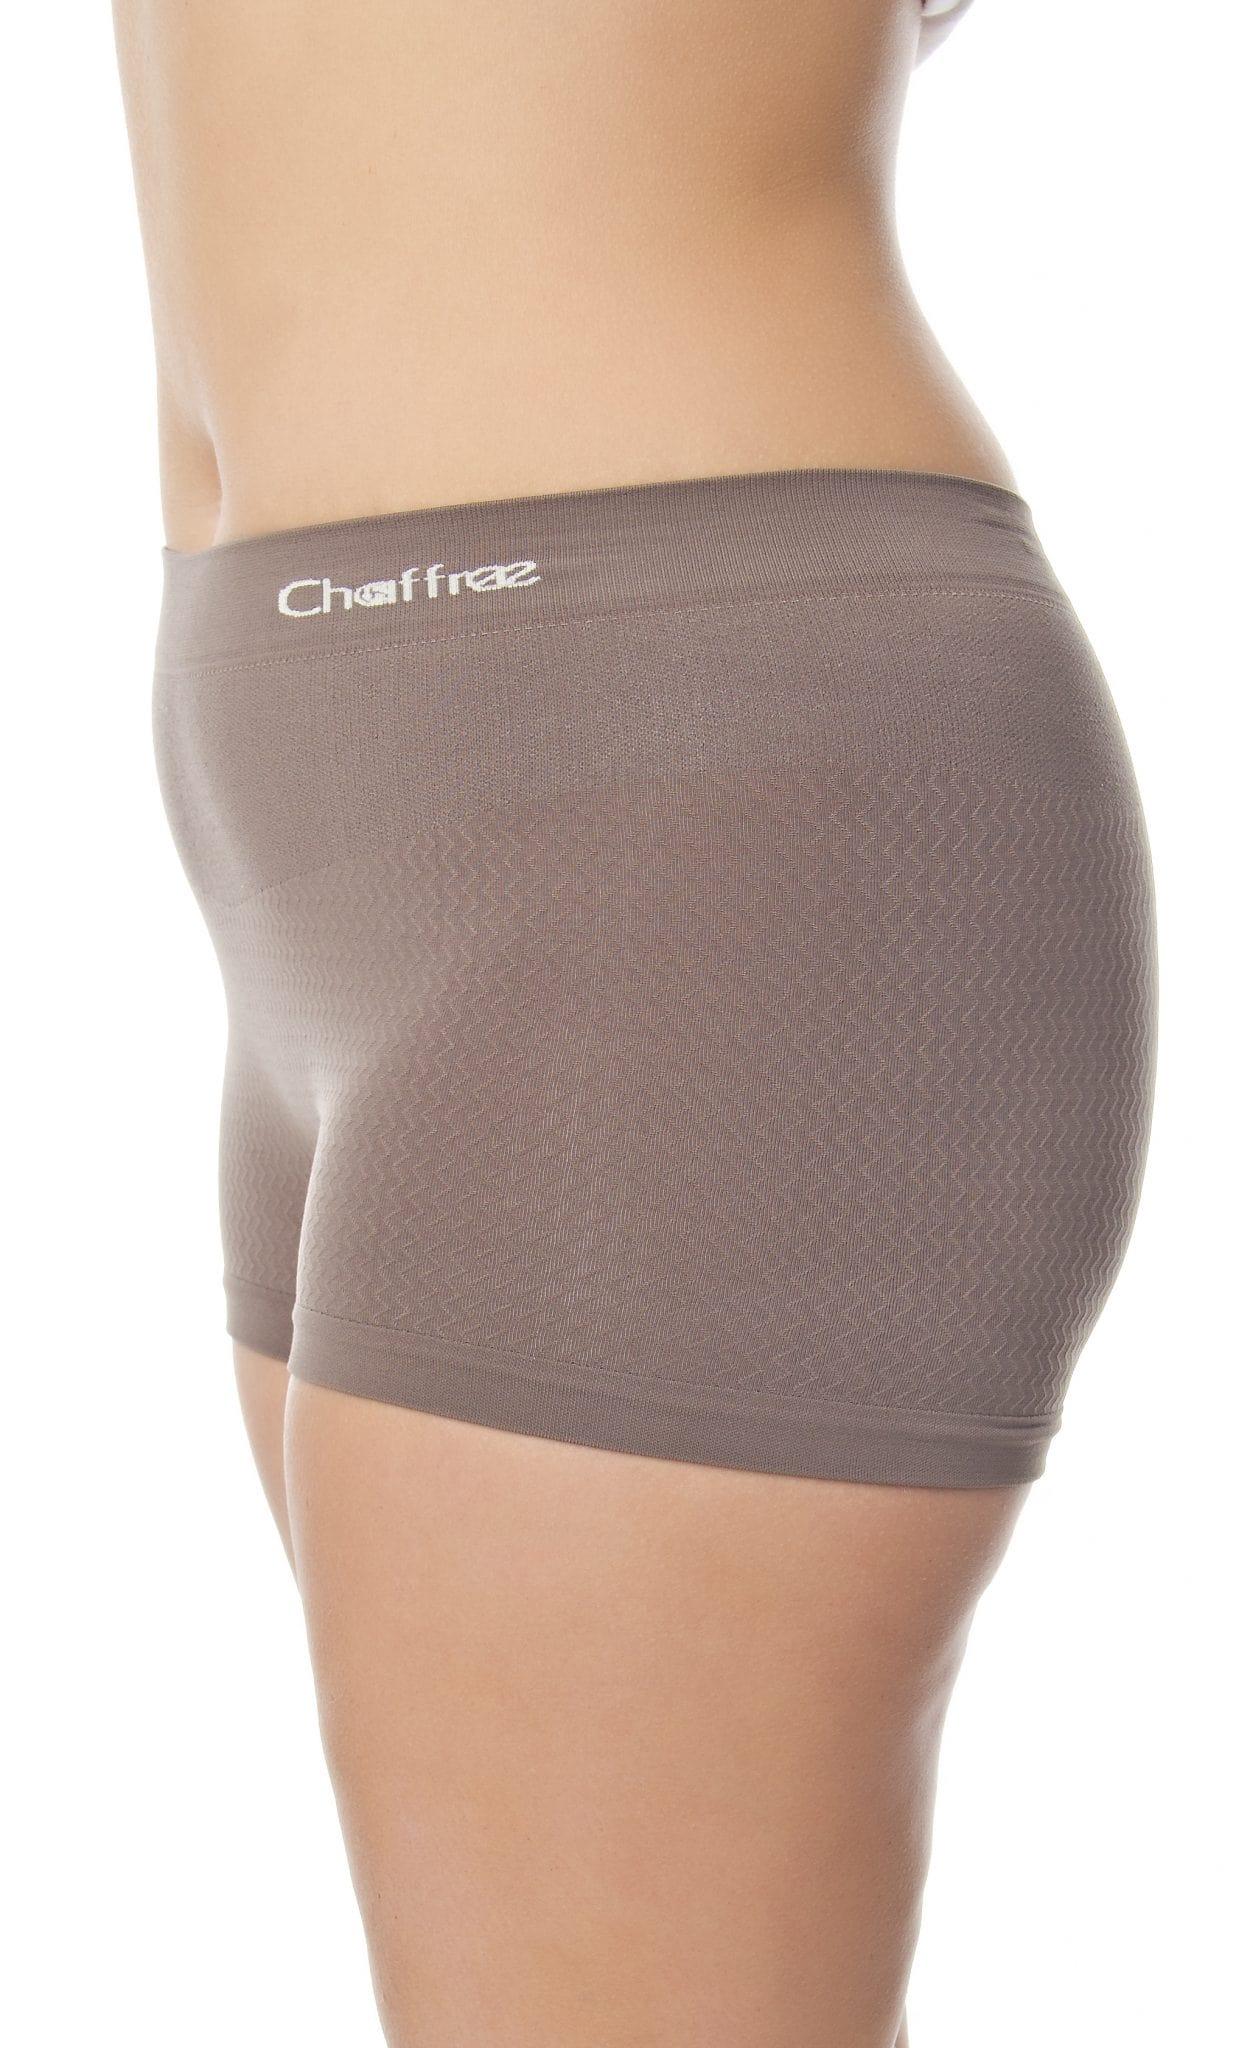 chaffree coolmax underwear womens boxer briefs